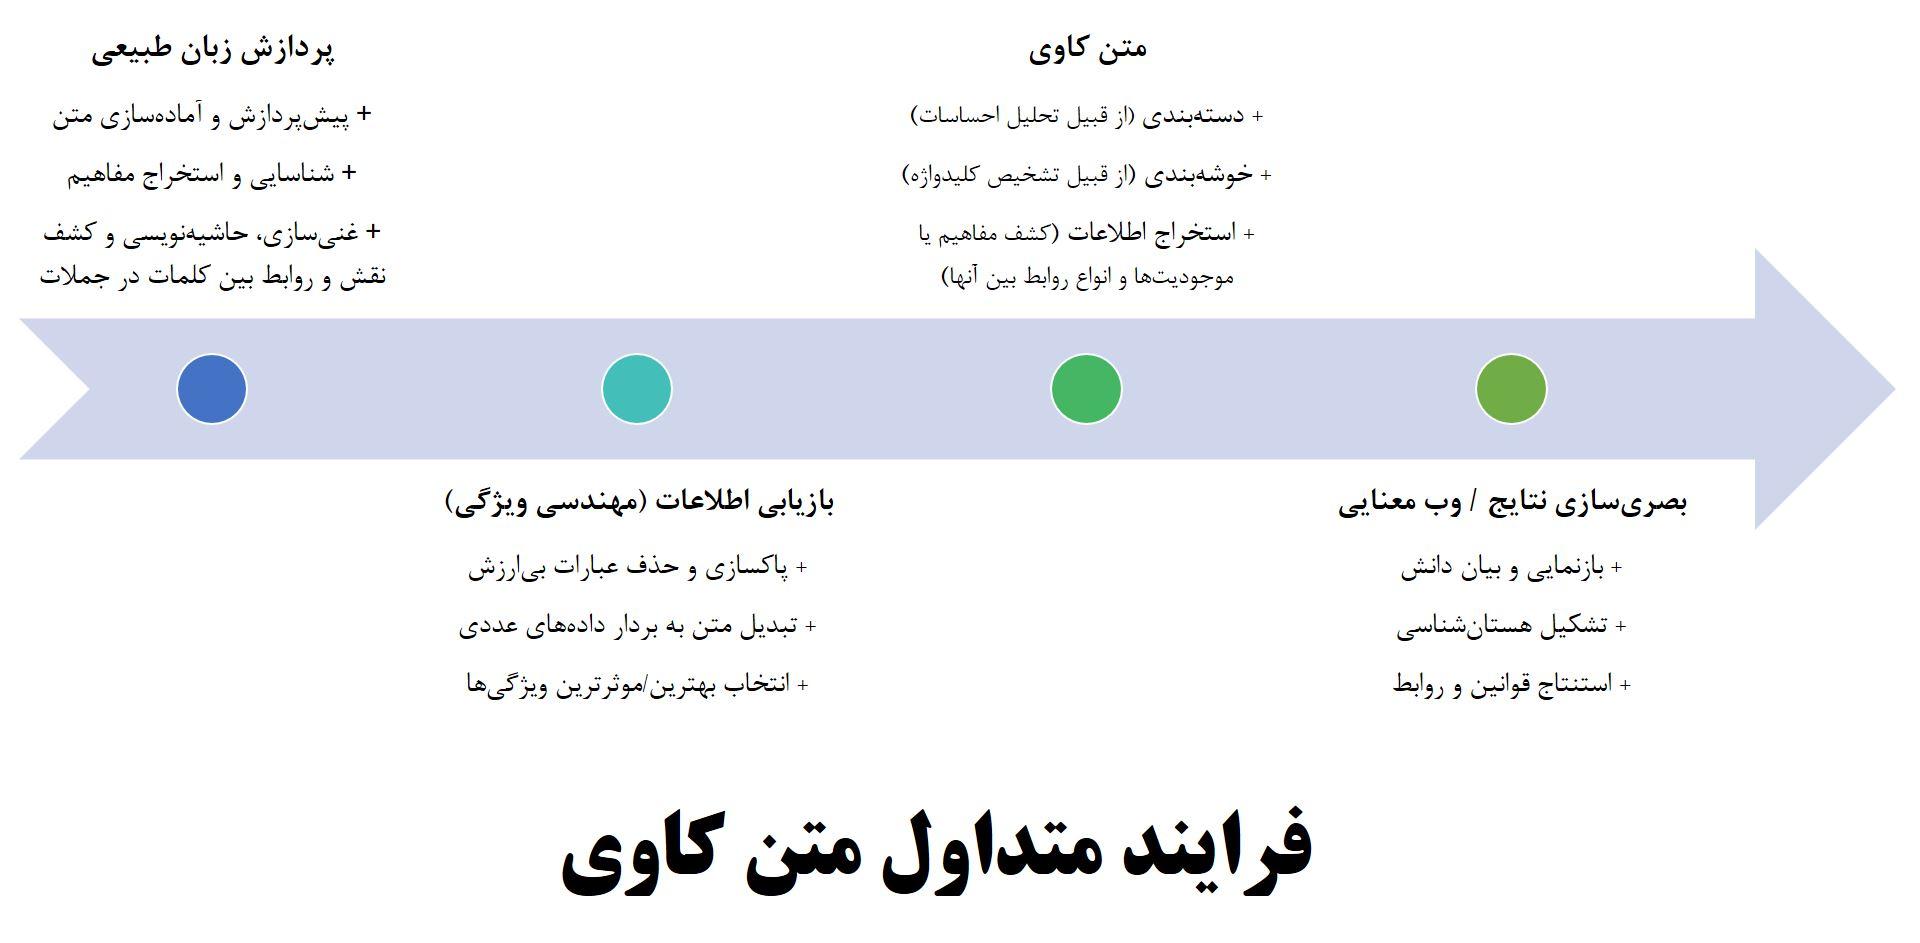 گرفته شده از مقاله مفهوم فرایند متنکاوی در وبلاگ متن کاوی فارسییار